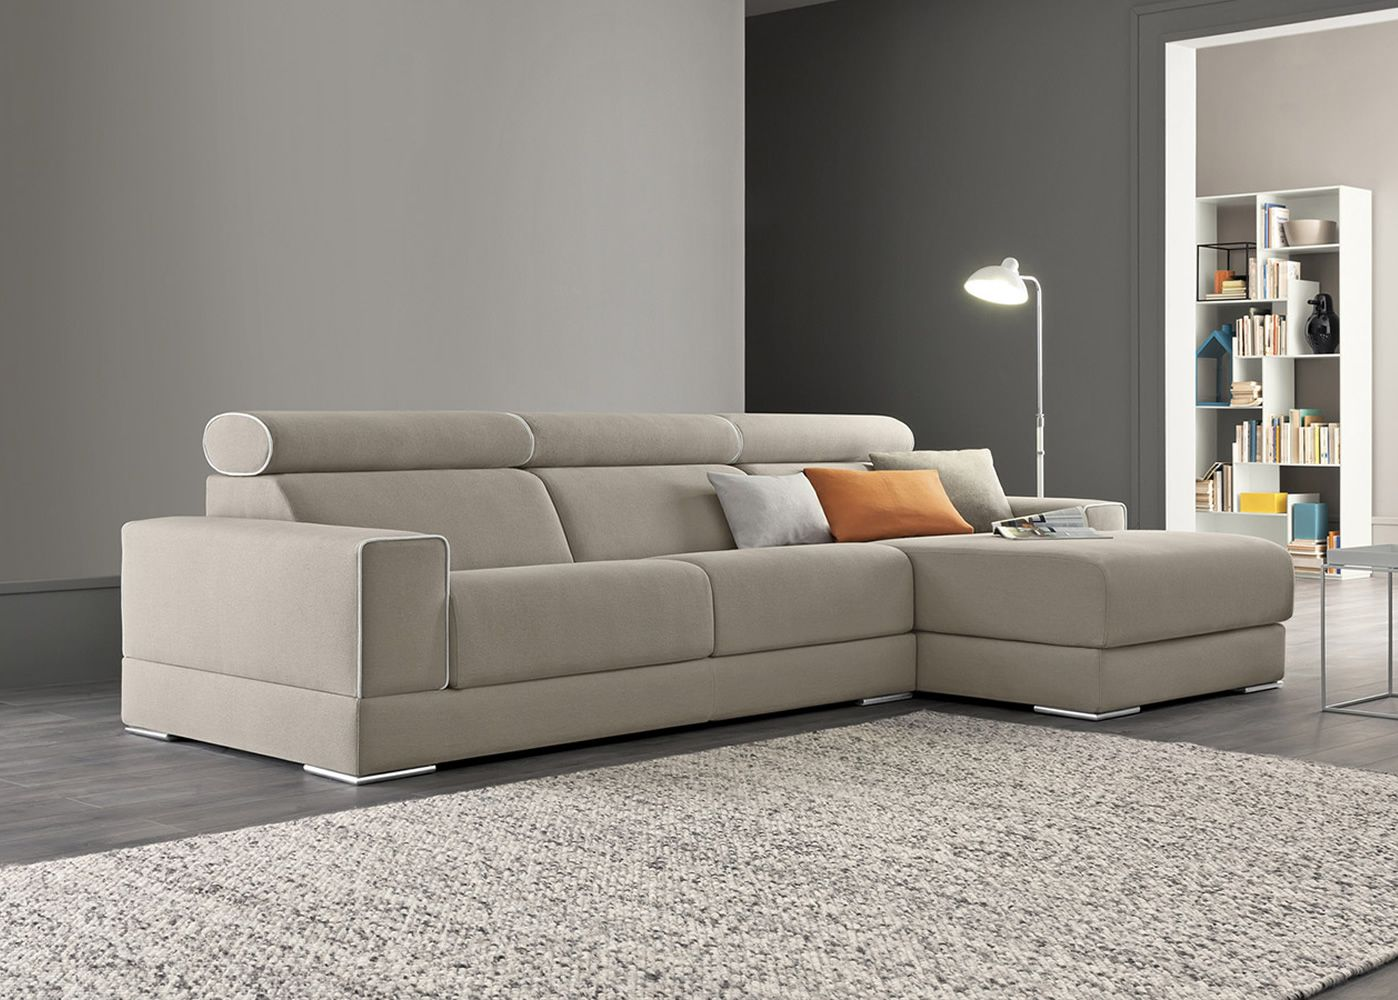 jack p canap 2 3 ou 3xl places avec chaise longue assises coulissantes et appui t tes. Black Bedroom Furniture Sets. Home Design Ideas